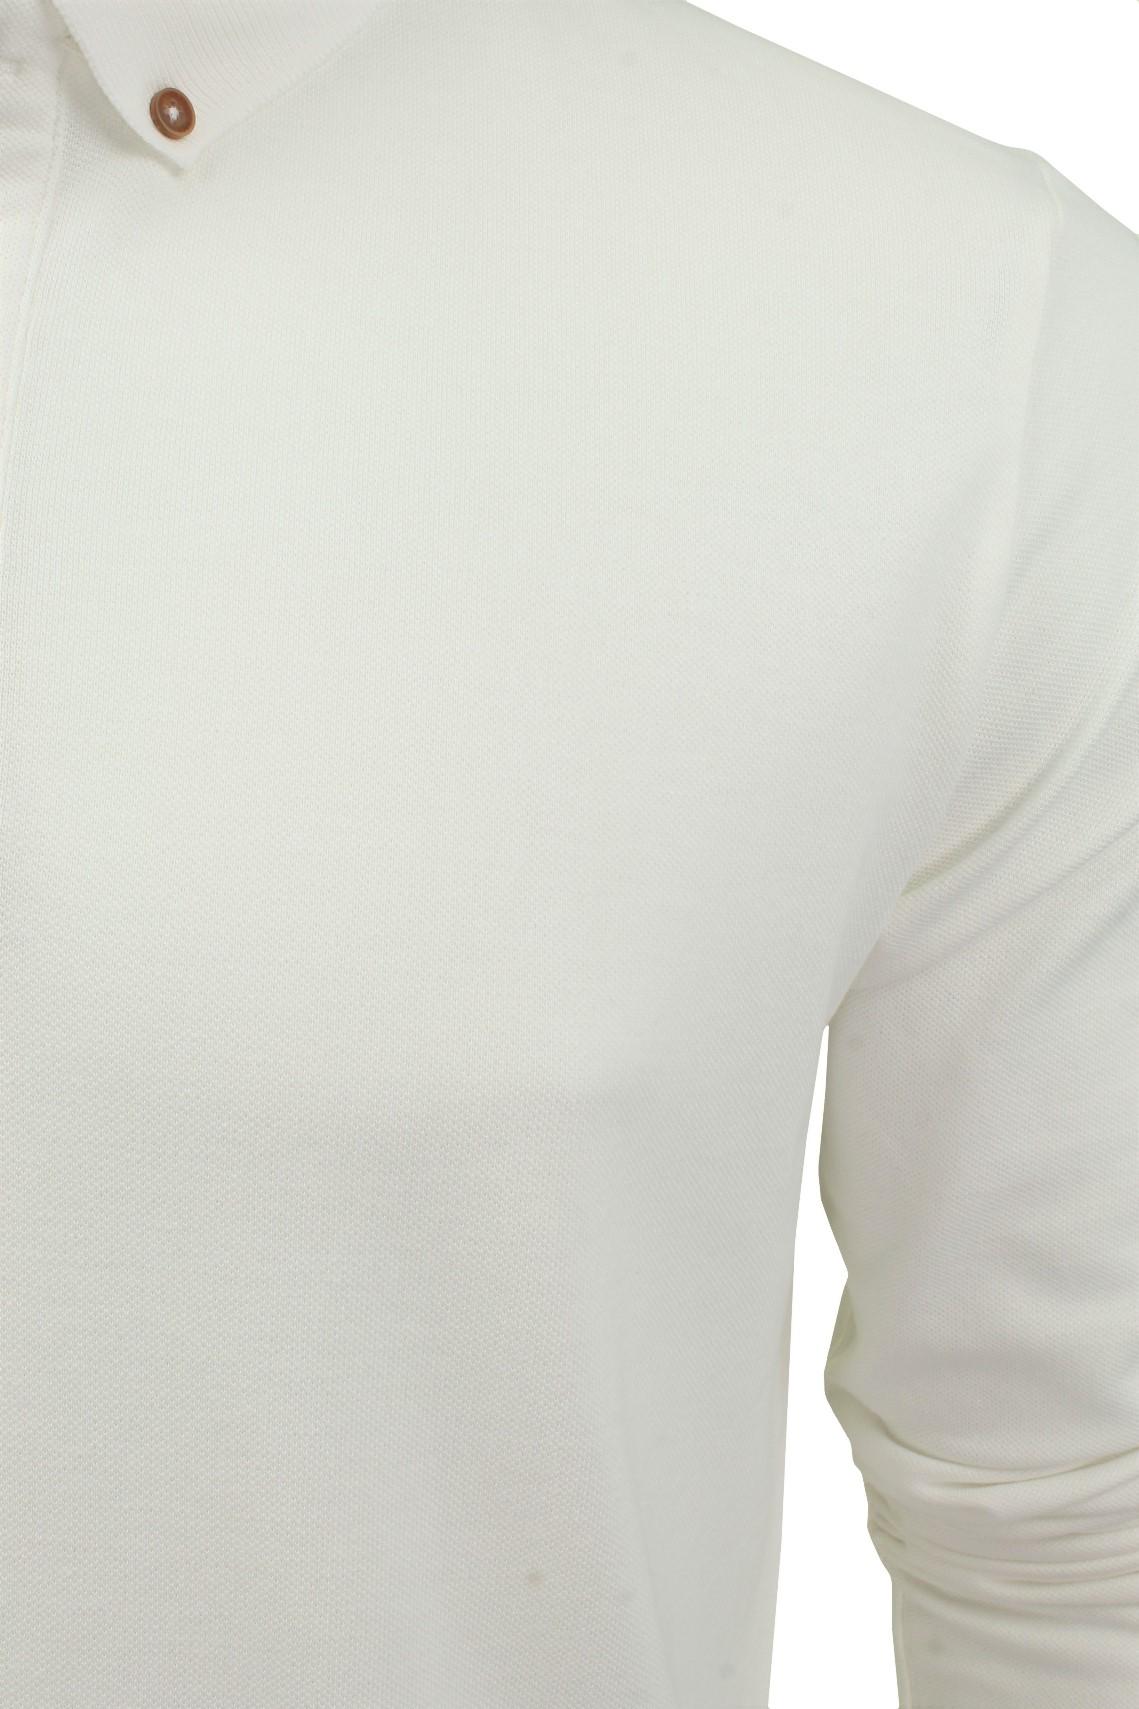 Camiseta-Polo-Para-Hombre-Por-Xact-pique-de-manga-larga miniatura 8